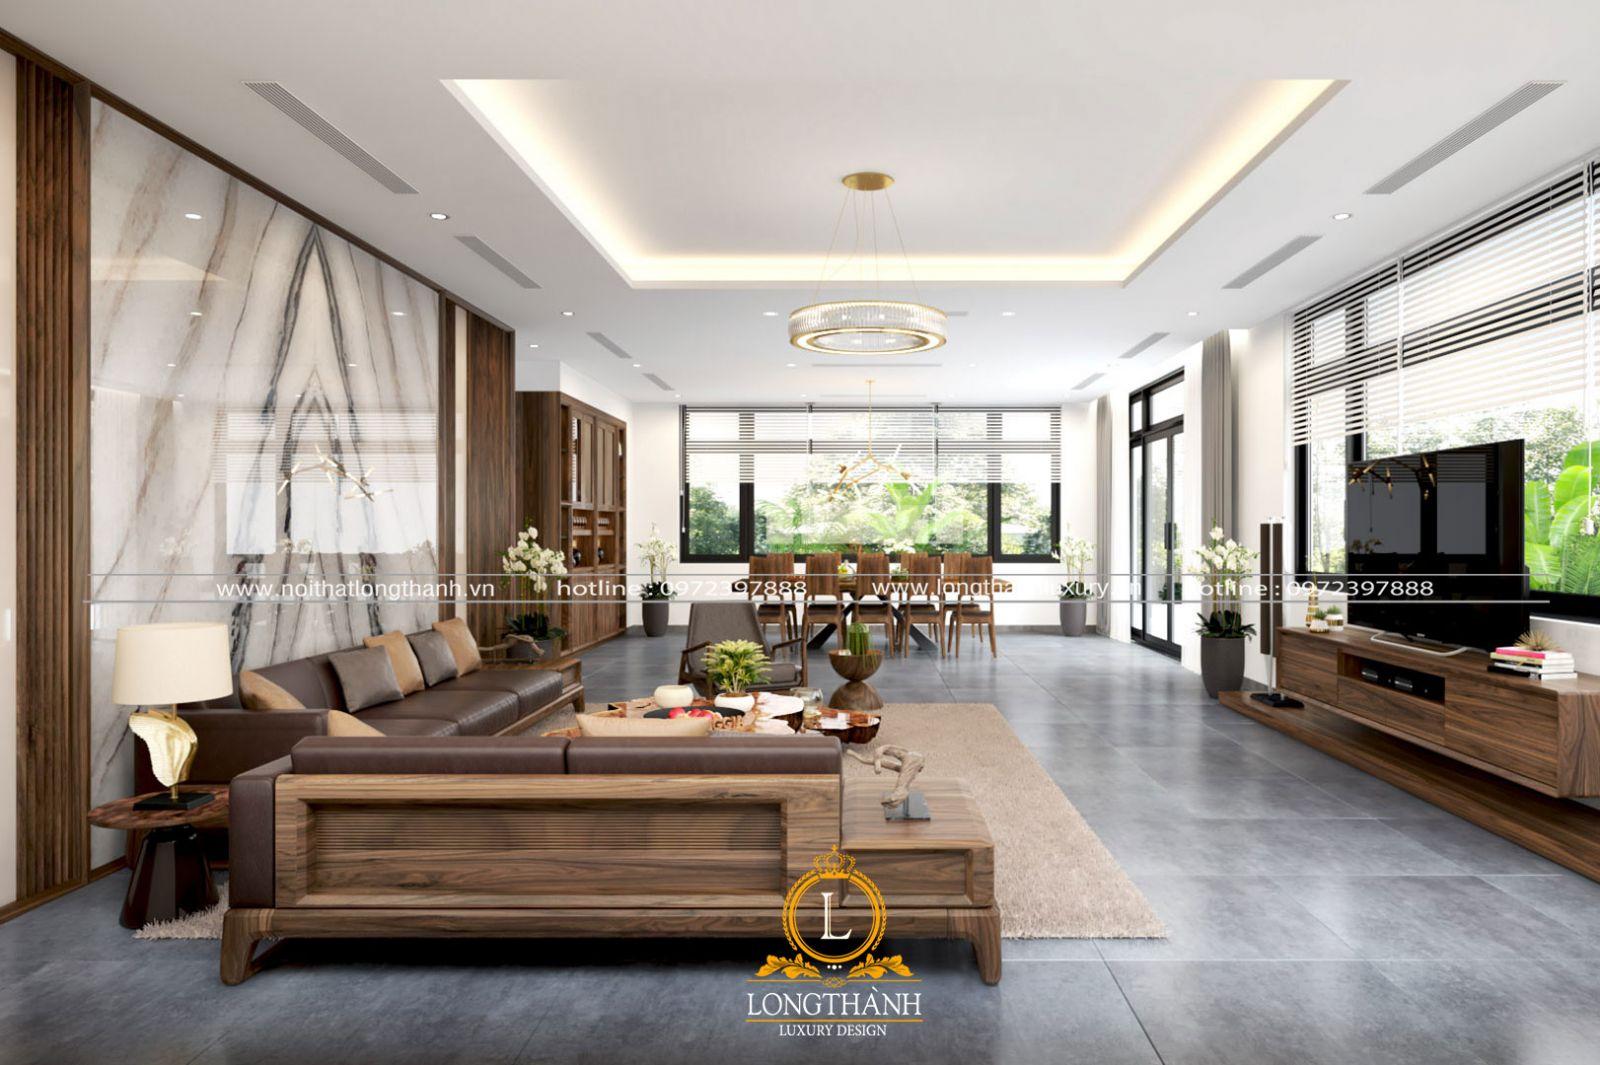 Không gian phòng khách nhà biệt thự tận dụng tối đa nguồn ánh sáng tự nhiên